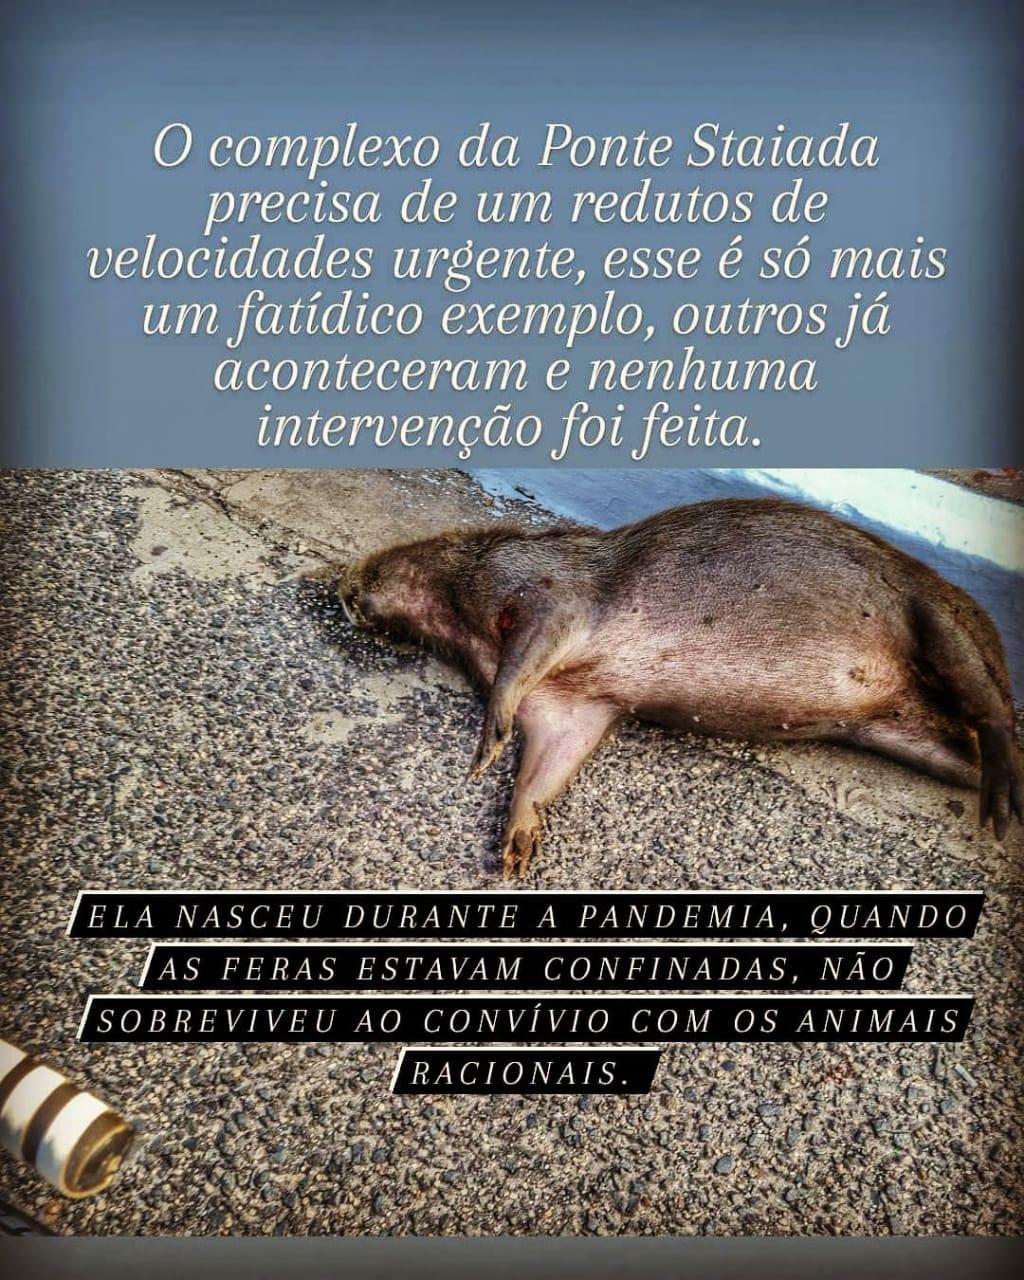 Ouvinte fez o registro da morte do animal silvestre em um canteiro da Avenida Raul Lopes nas redes sociais